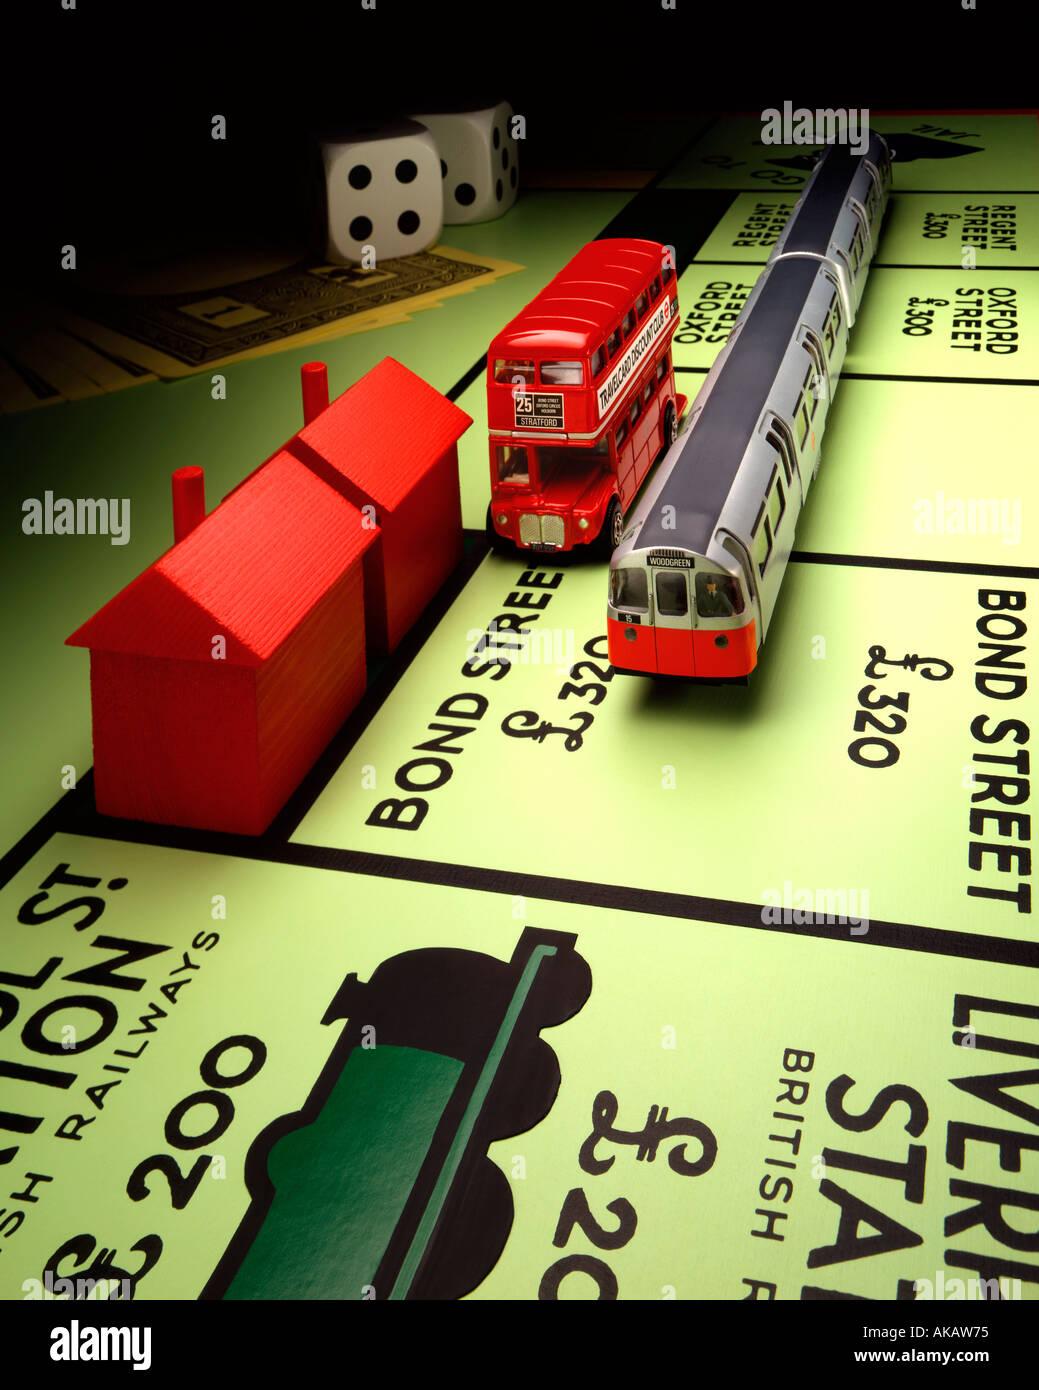 London Transport und Monopoly Board Monopol und Routemaster Bus mit u-Bahn in der Bond Street zu stoppen weiter Stockbild